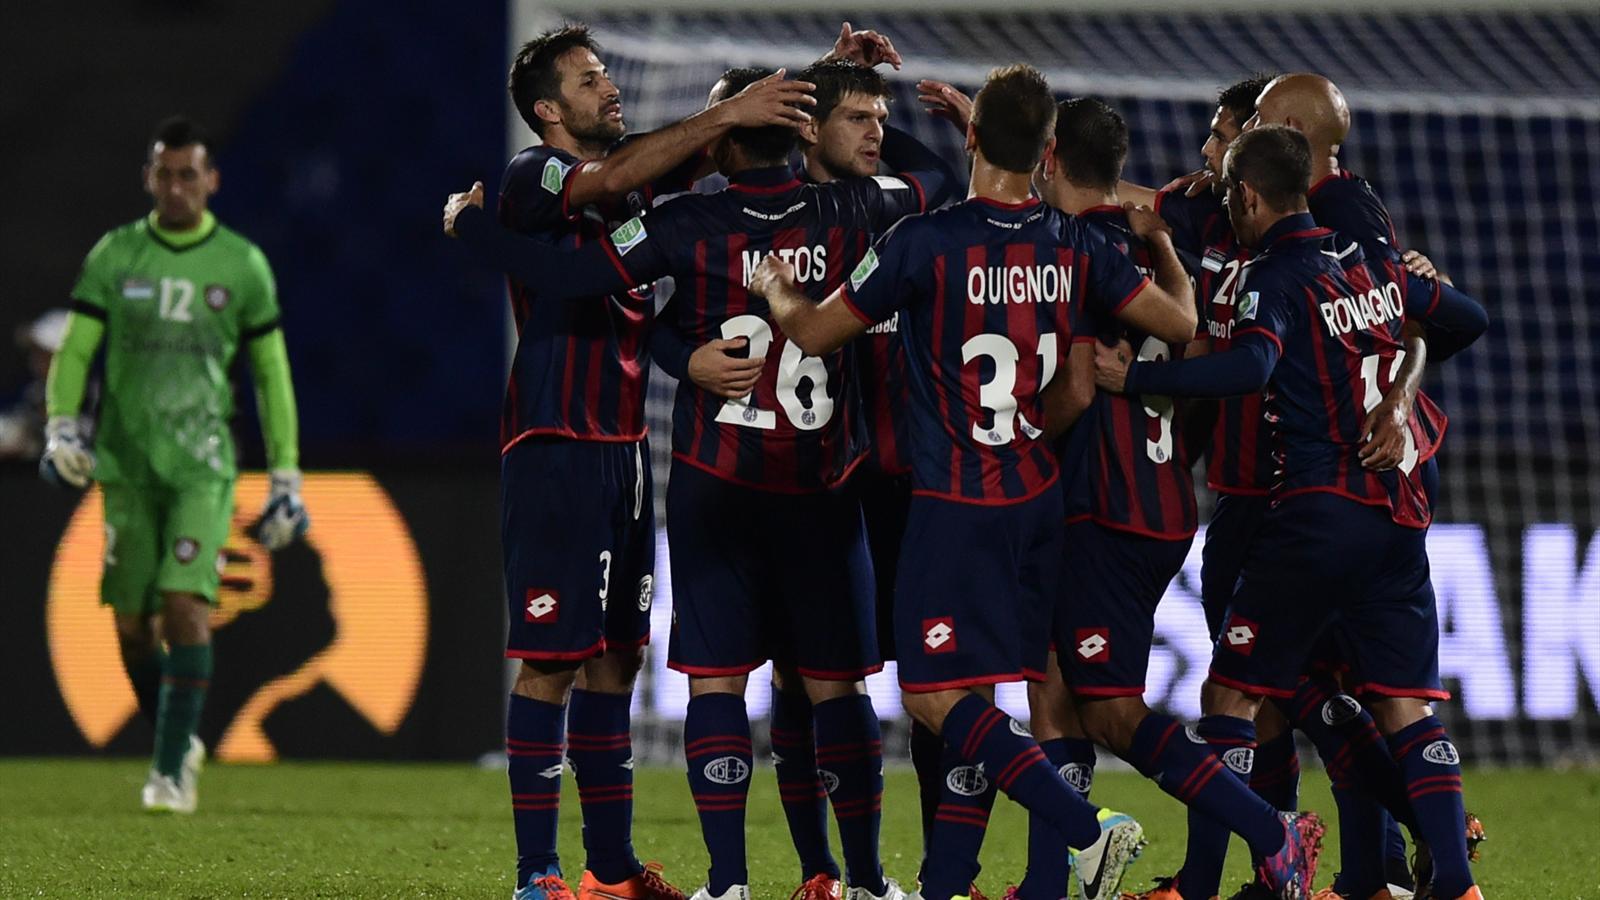 Mondial des clubs 2014 san lorenzo d fiera le real - Programme coupe du monde des clubs 2014 ...